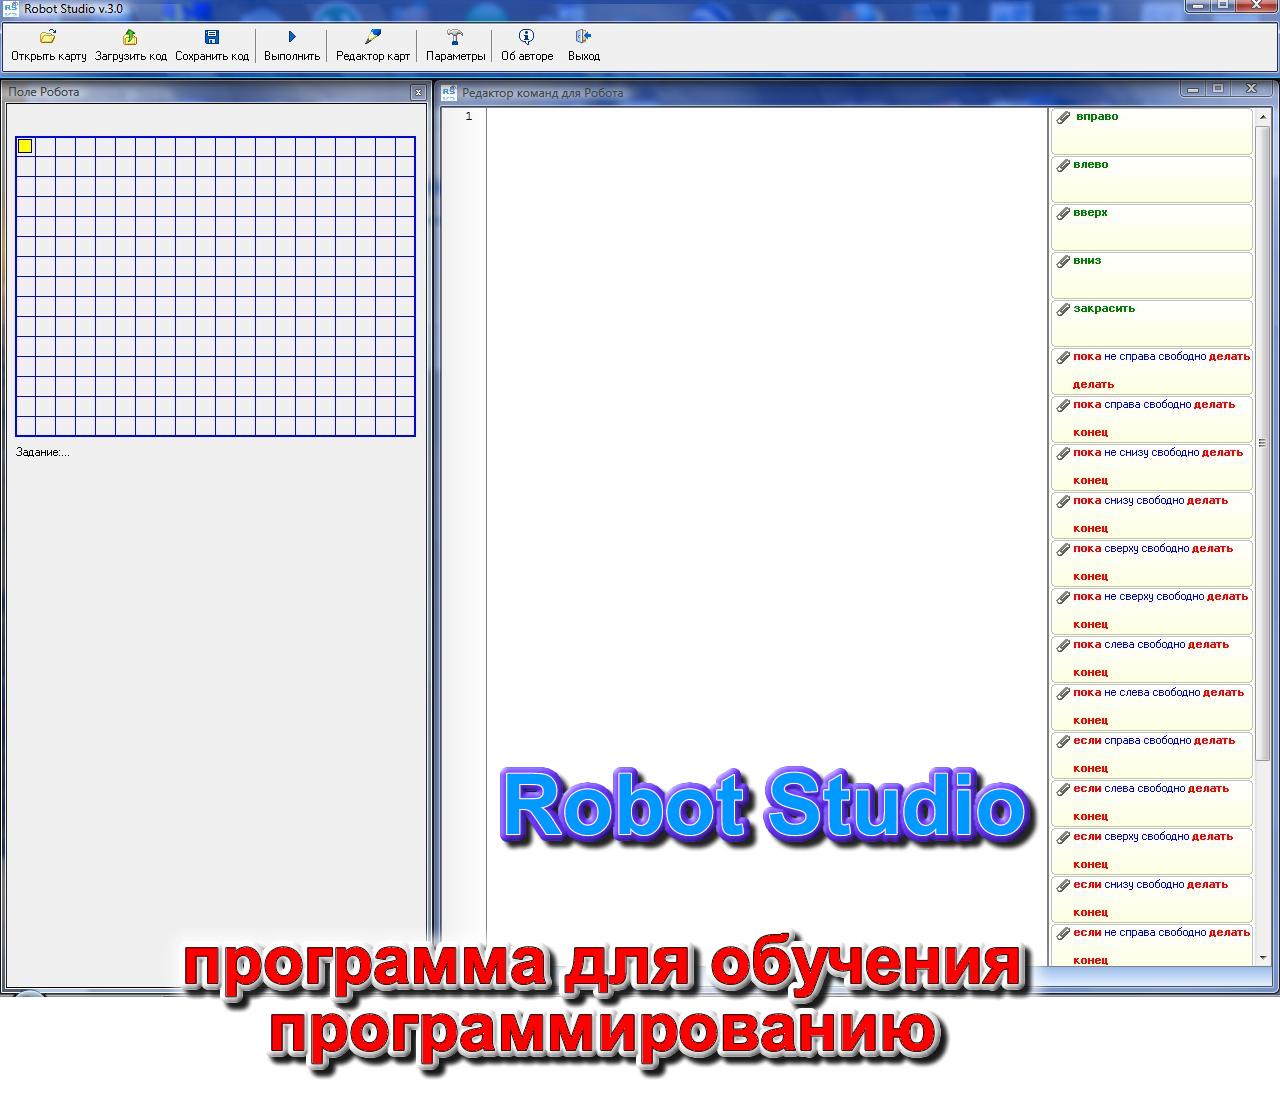 Программы для программирования роботов скачать